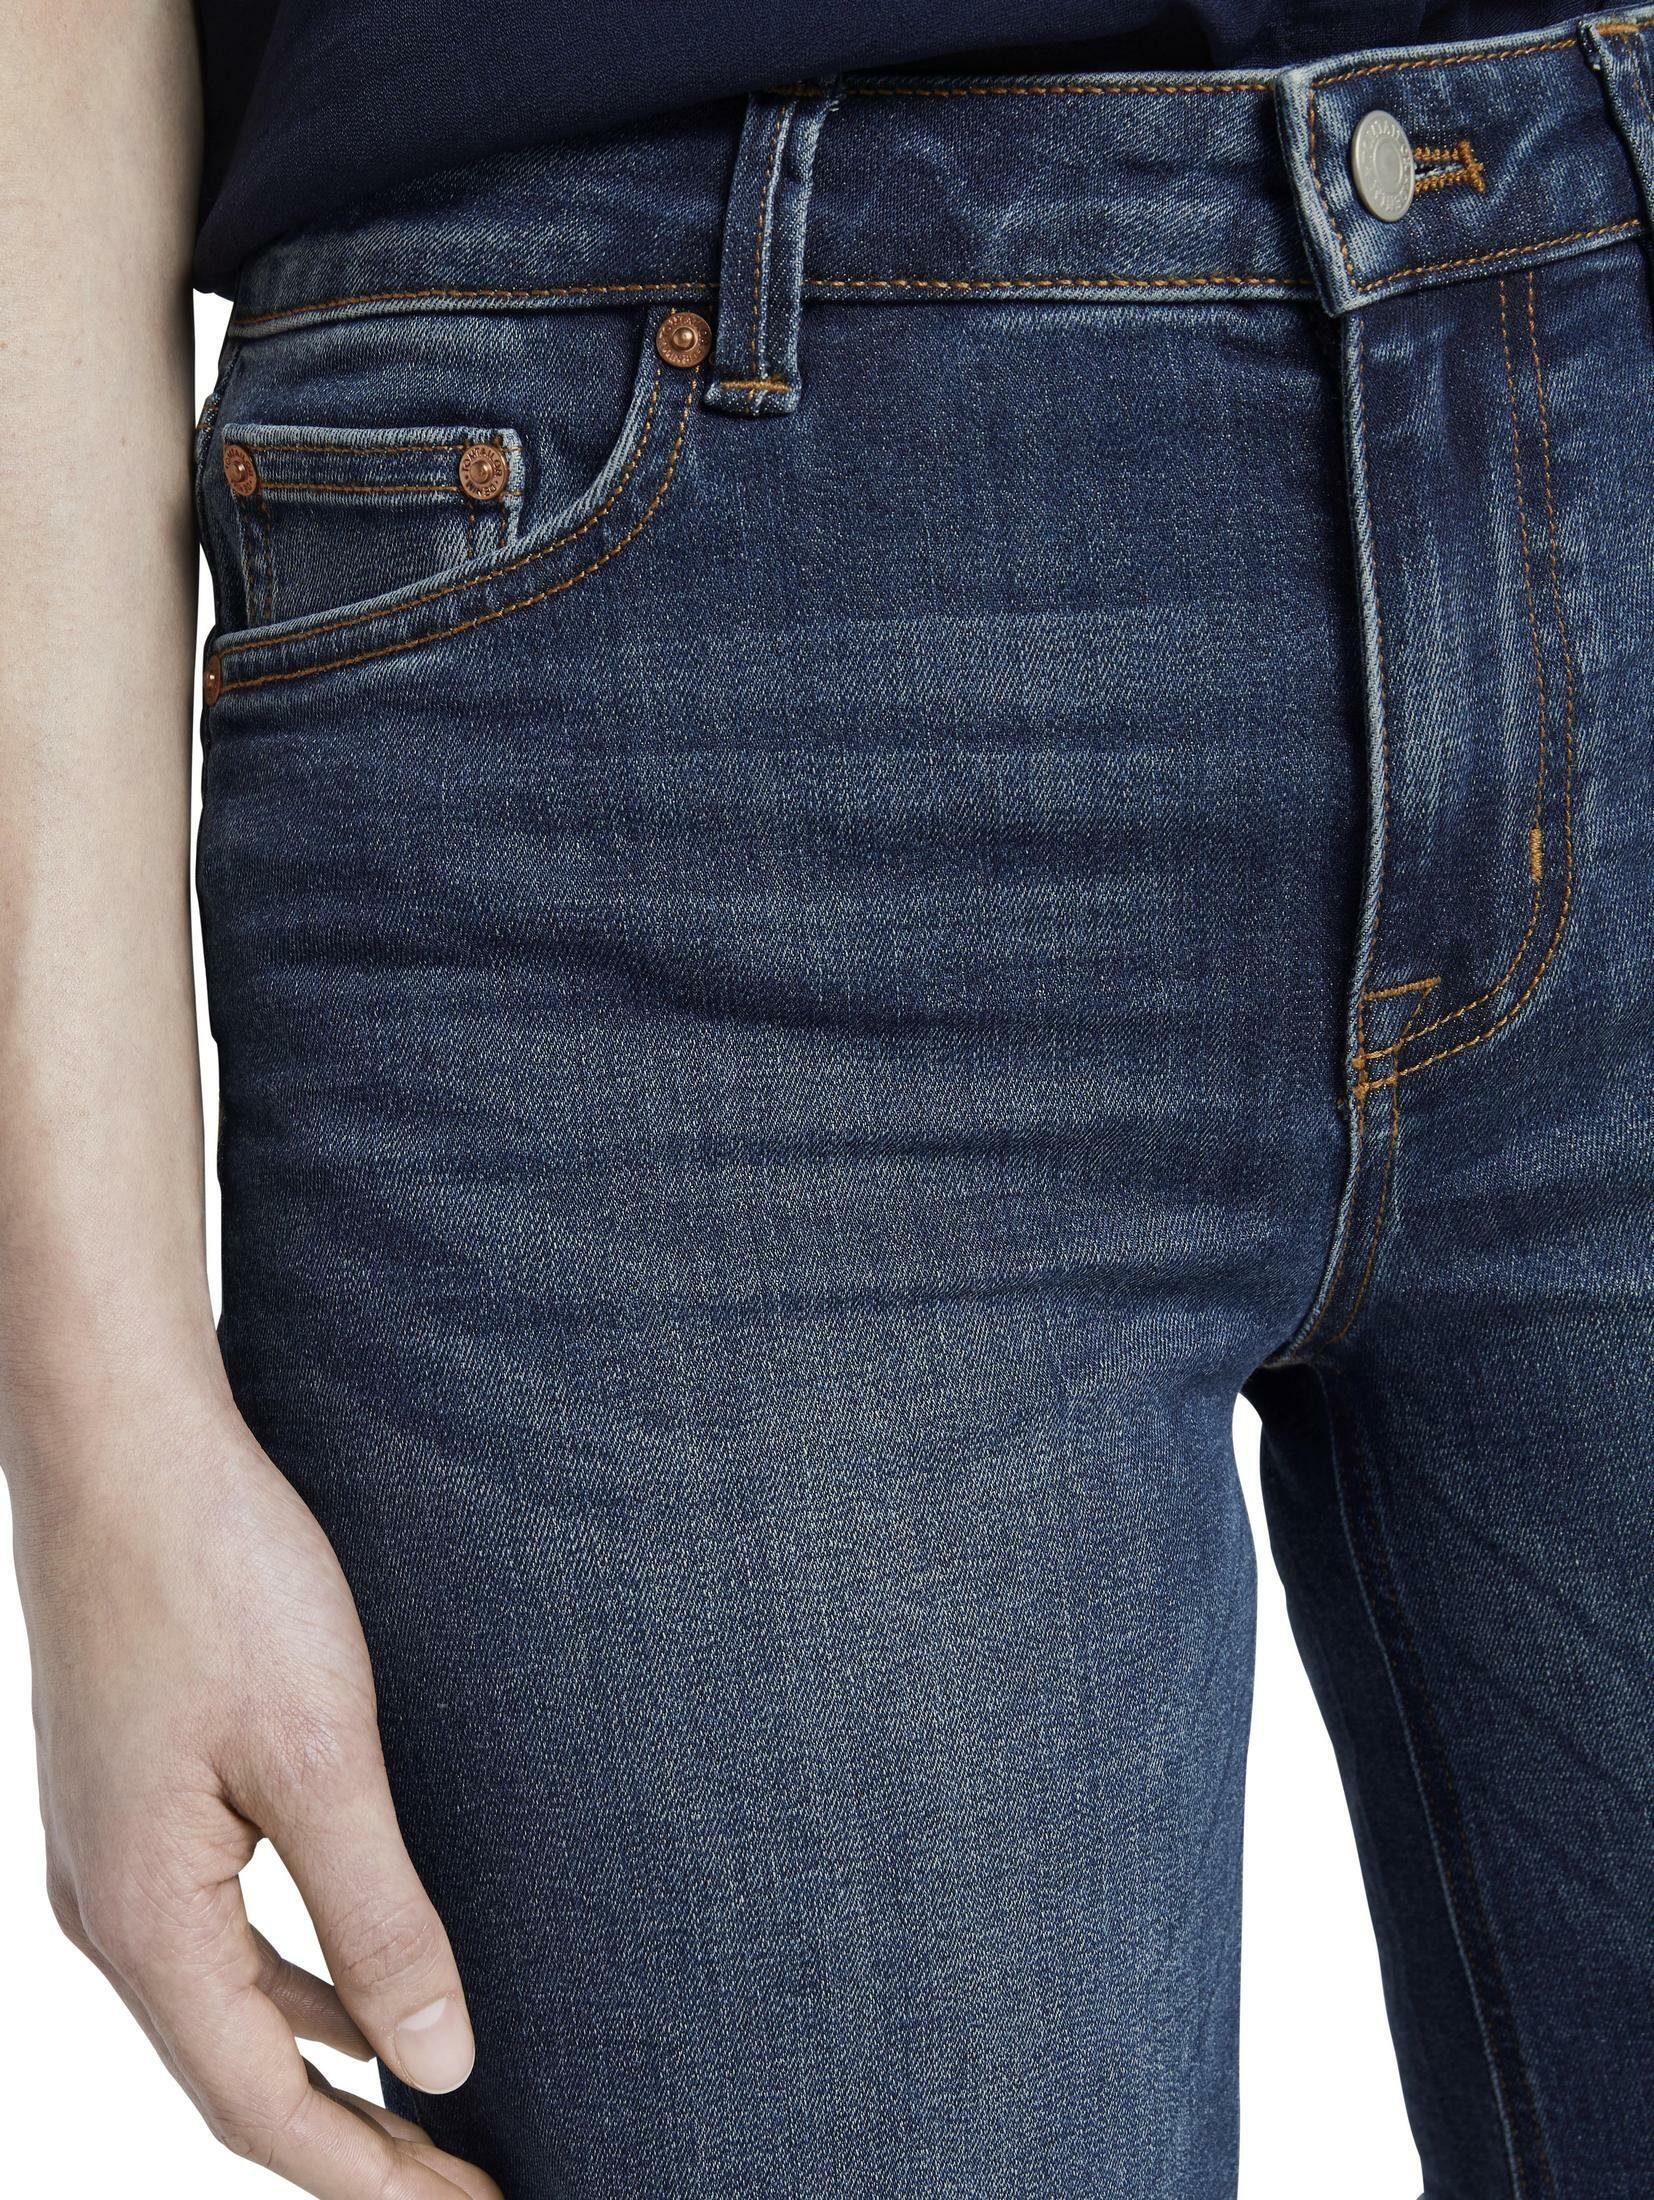 TOM TAILOR Denim Jeansshorts Lina Jeansshorts mit ausgefranster Saumkante